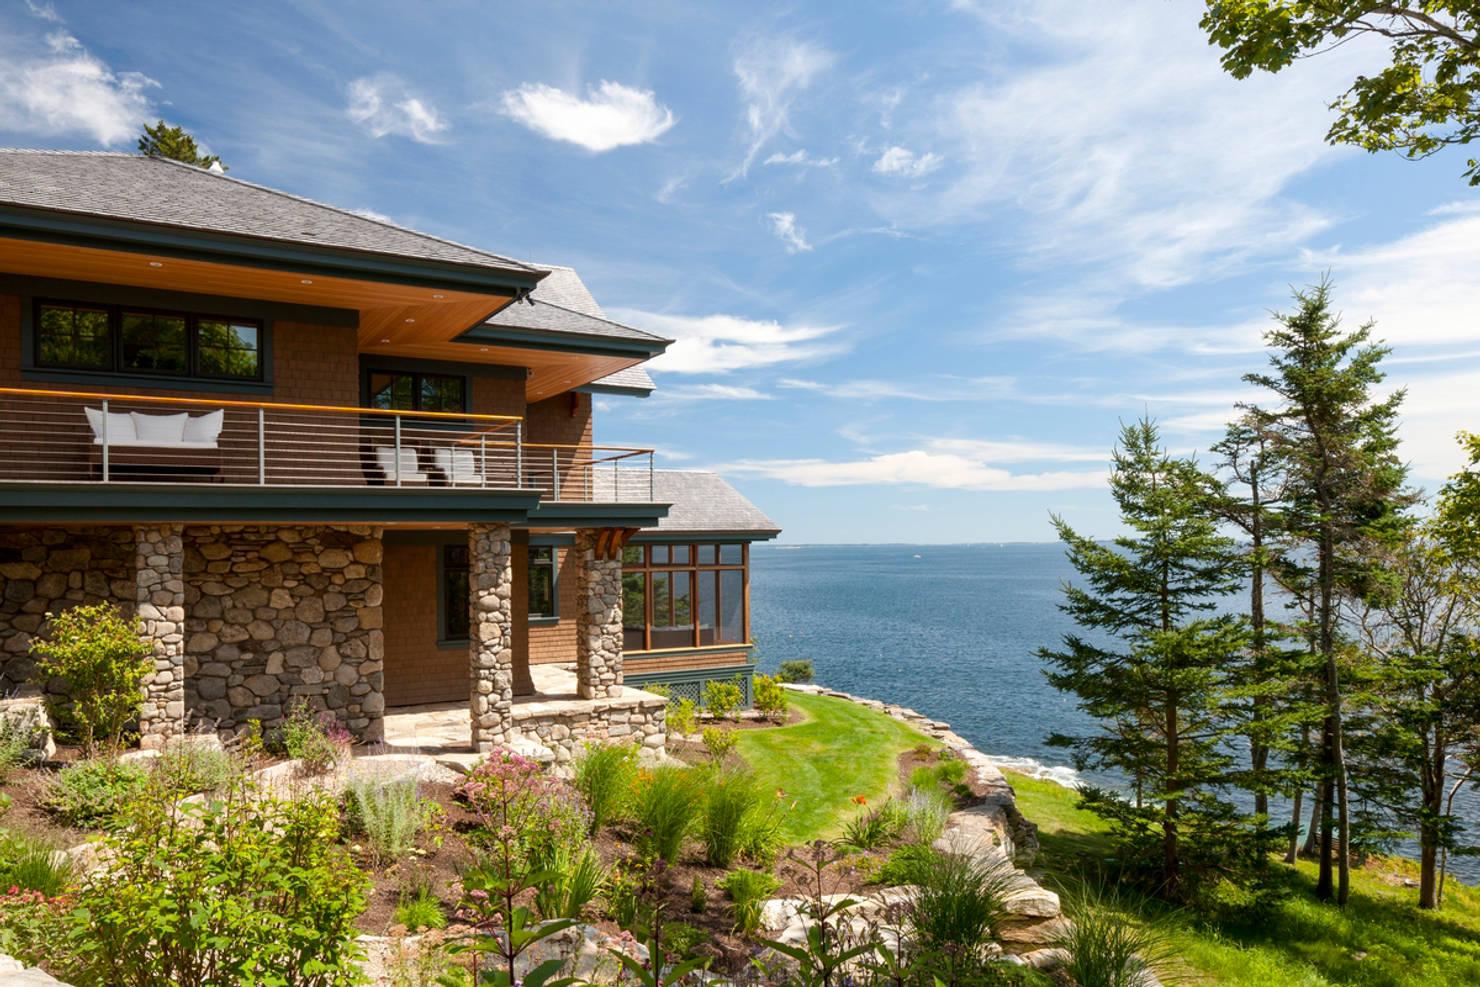 Современный дом на природе